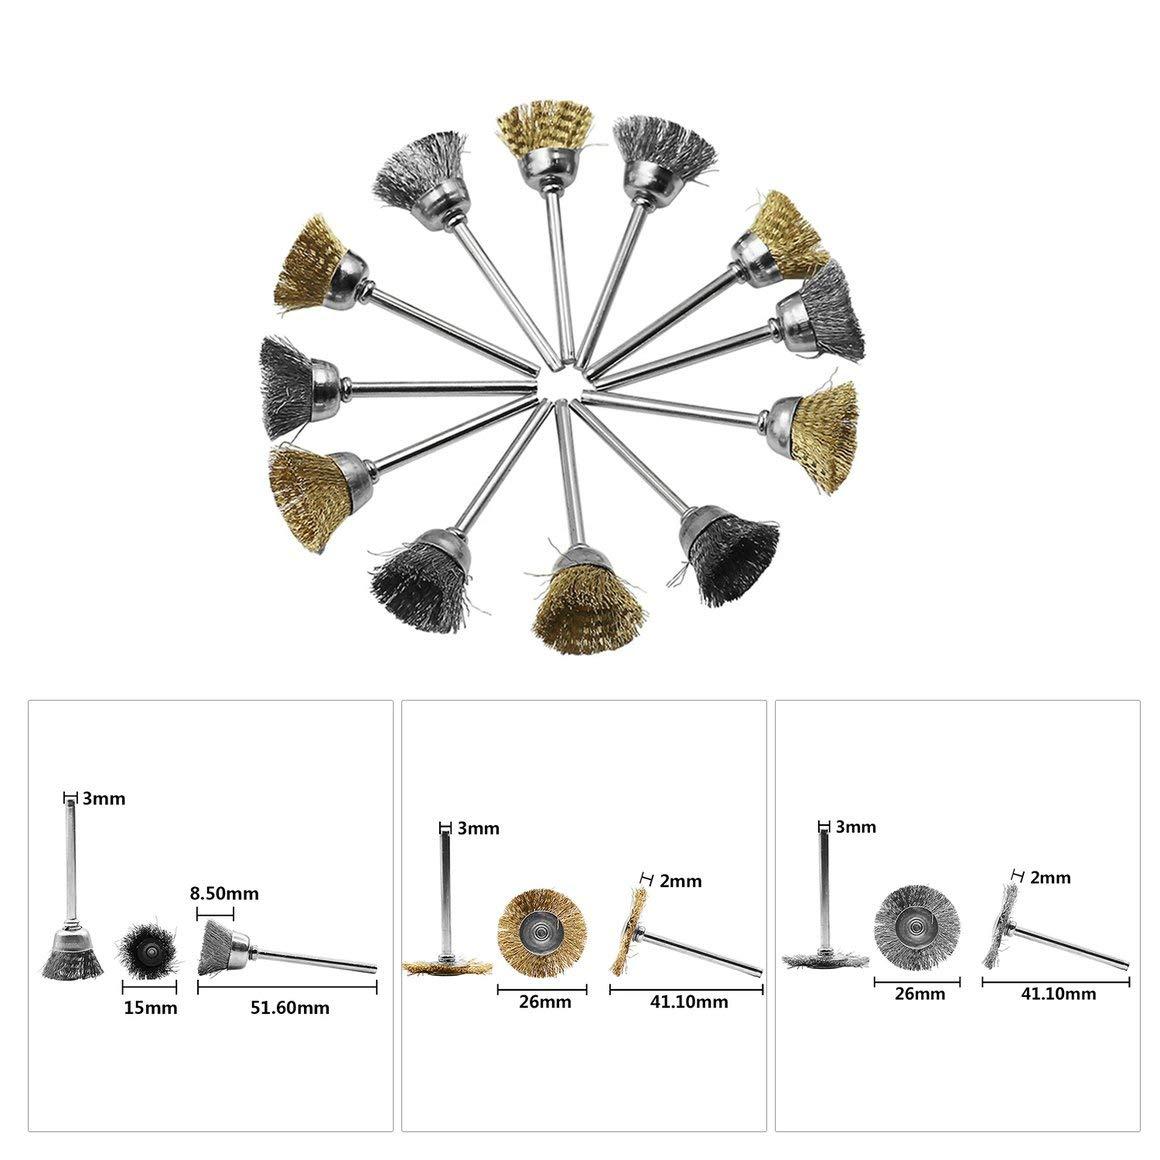 Funnyrunstore 98pcs mini cepillo giratorio de alambre de acero inoxidable cepillo de alambre peque/ños cepillos de alambre set accesorios para mini taladro herramientas rotativas